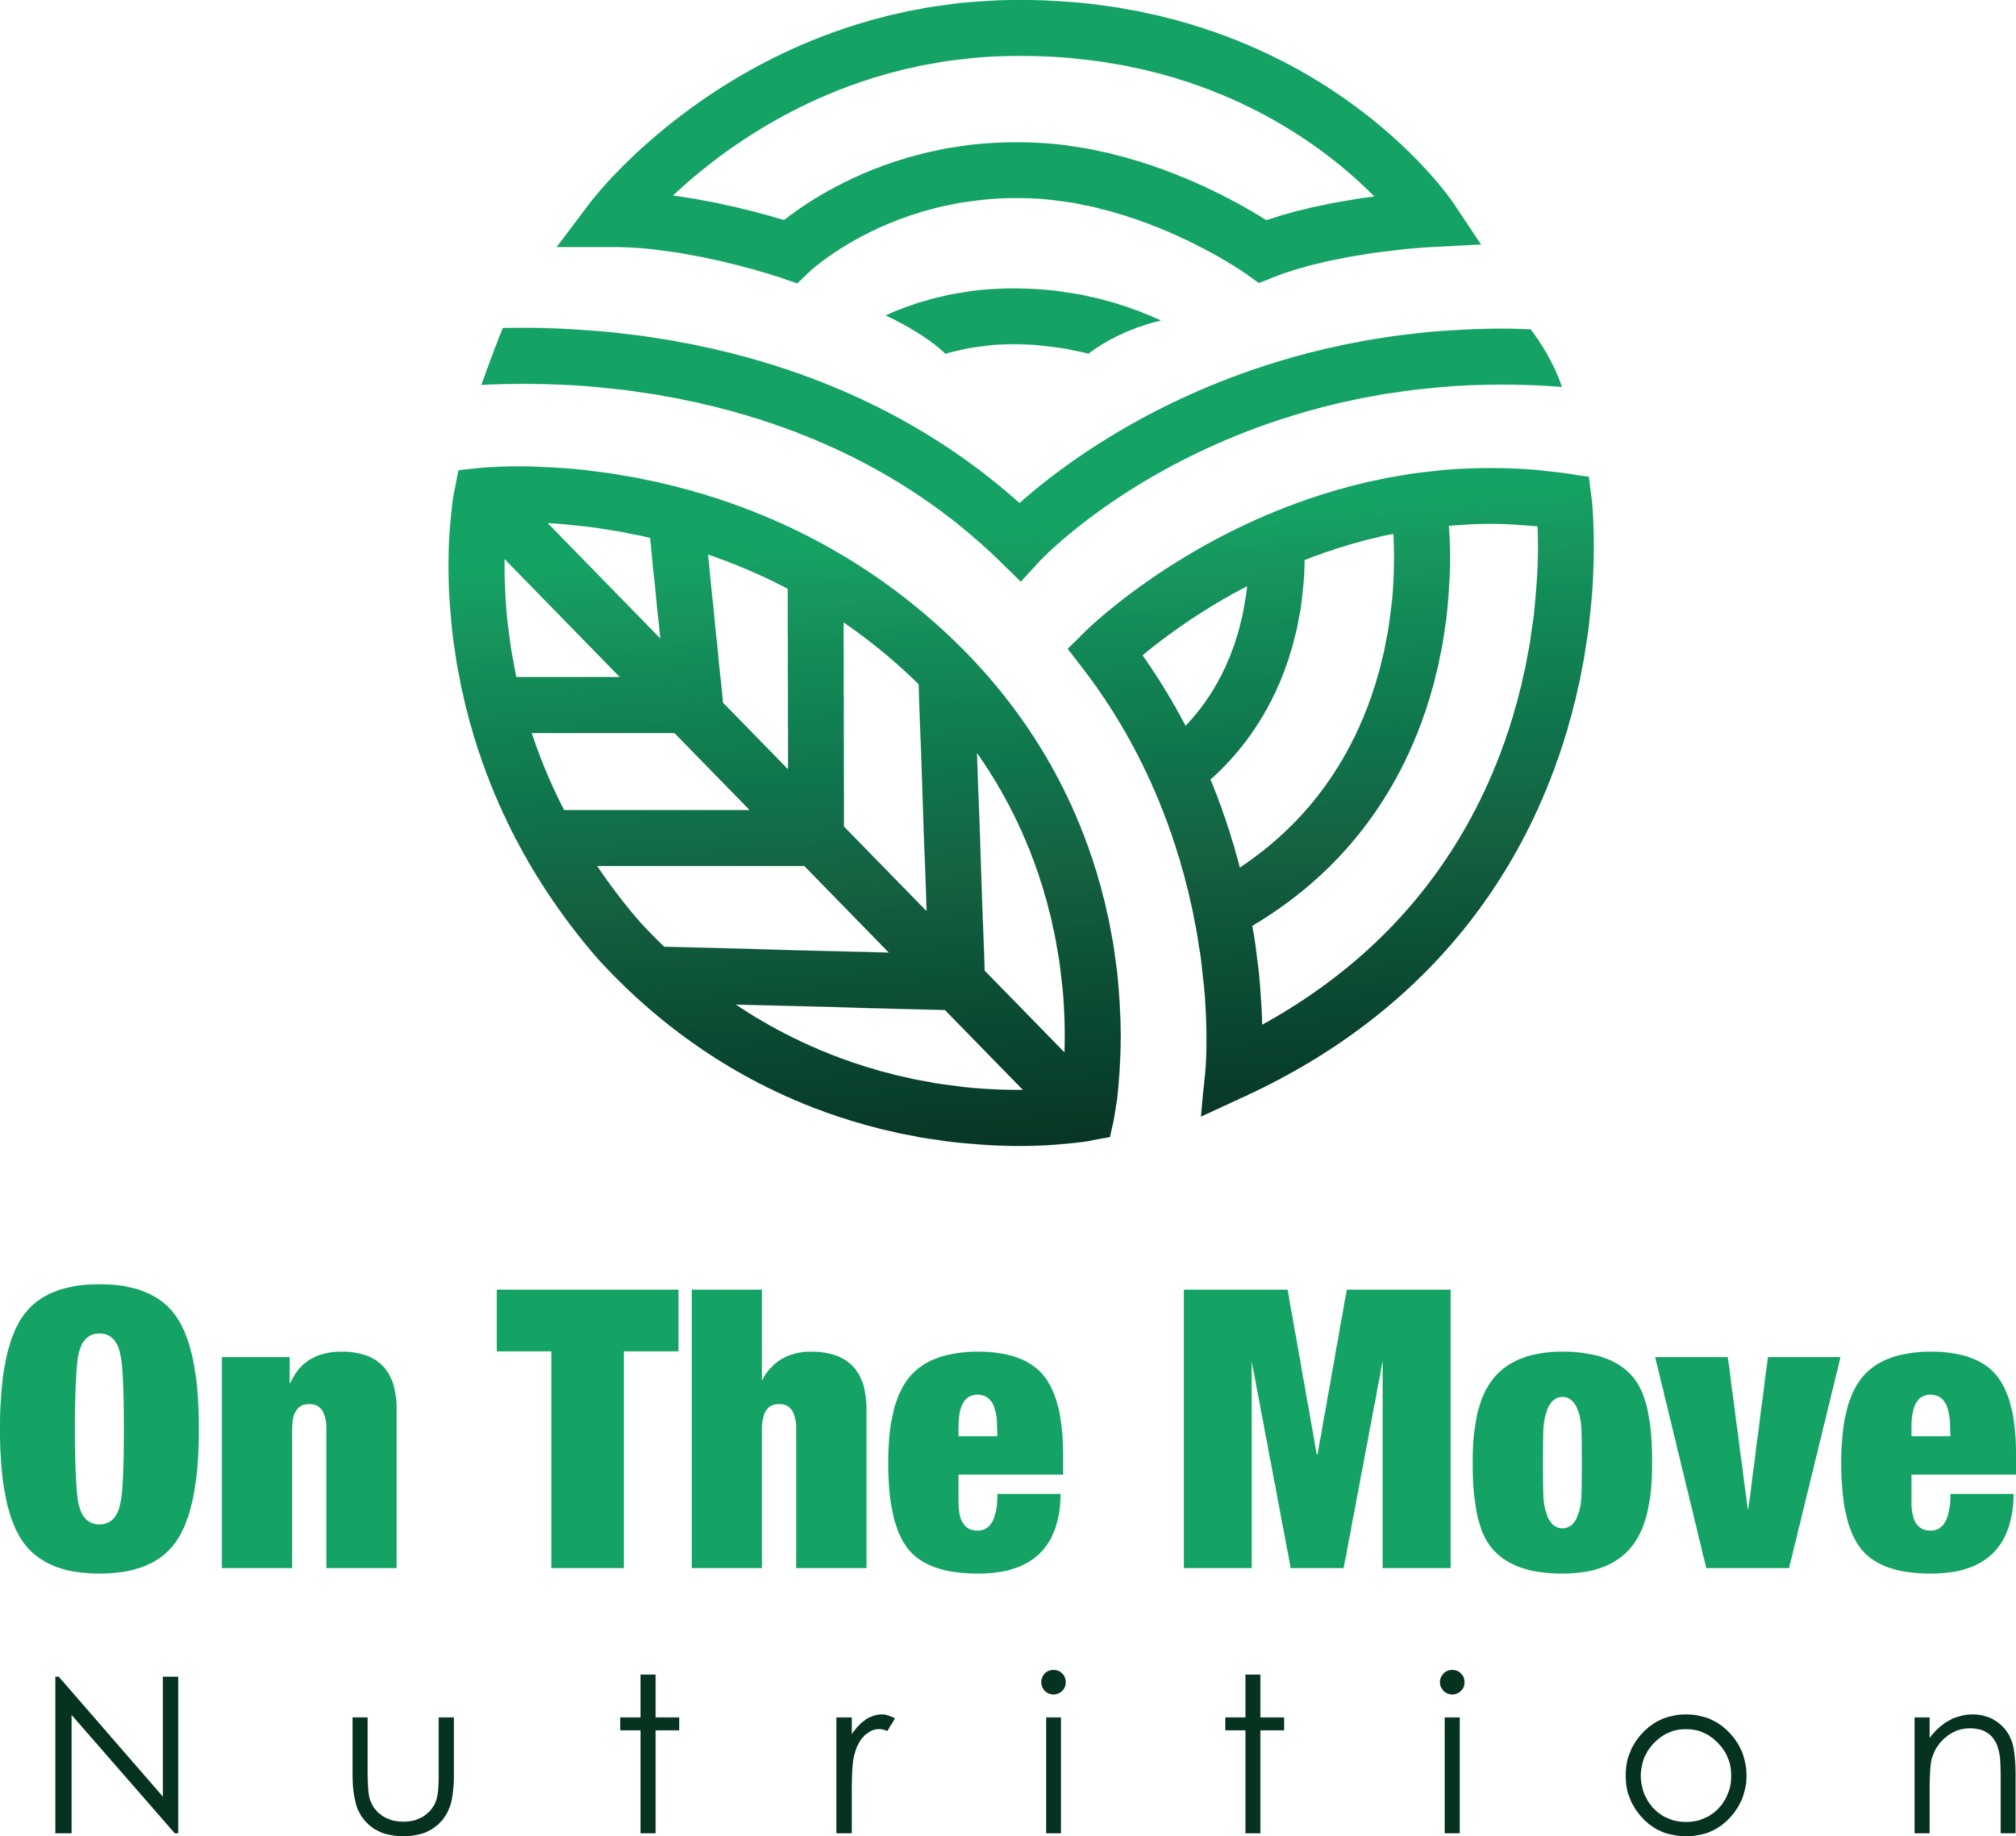 OTMN Logo